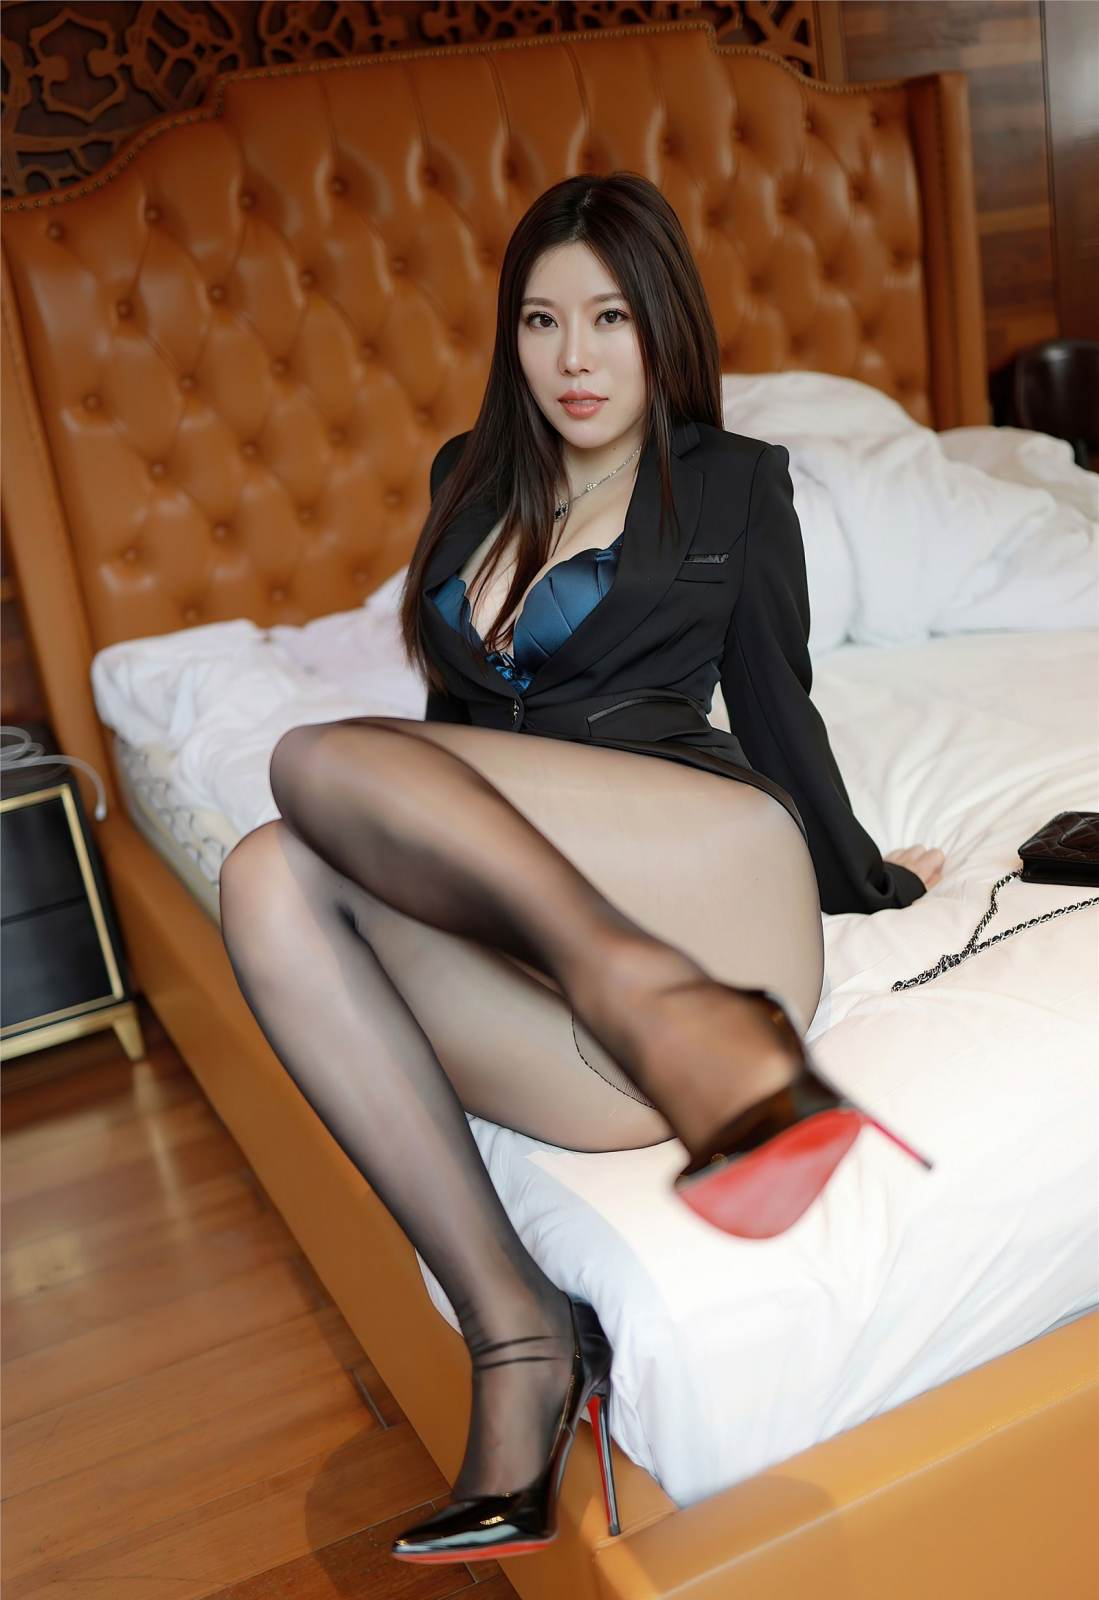 第246期环肥燕瘦白茹雪(西装,丝袜,黑丝,丰满身材,高跟)_图片2